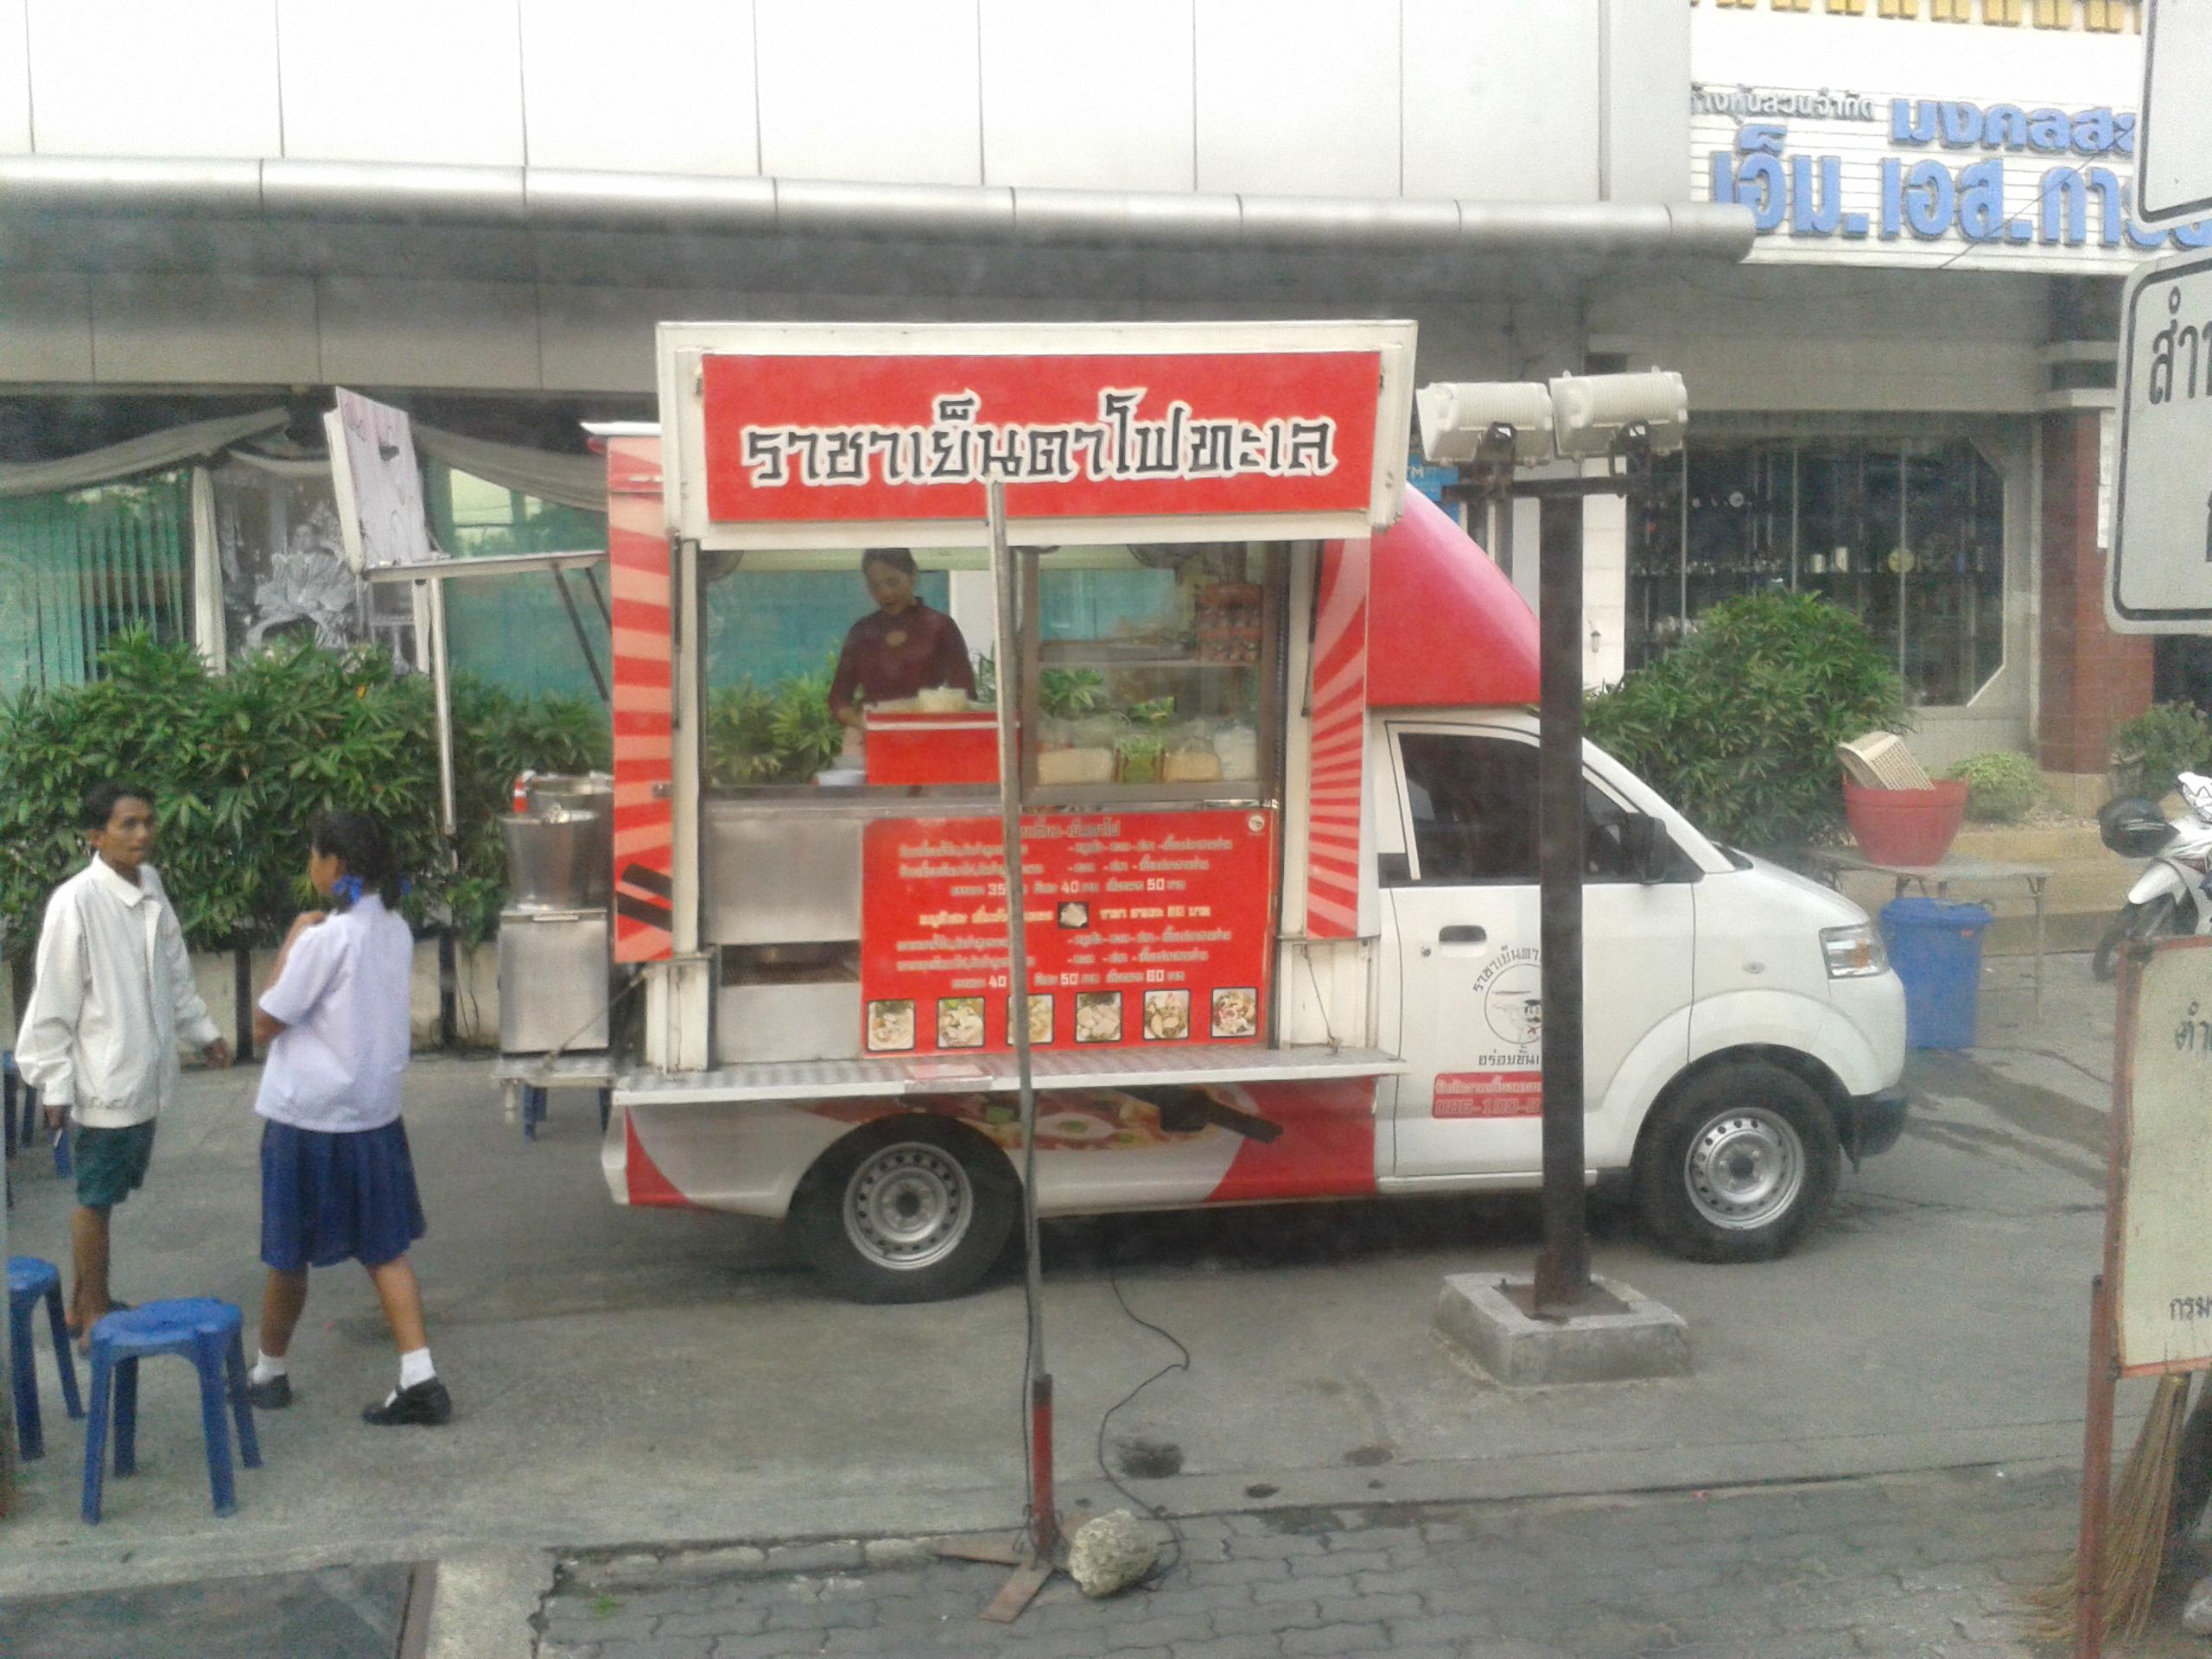 FileSuzuki Carry Food Truck In Thailand